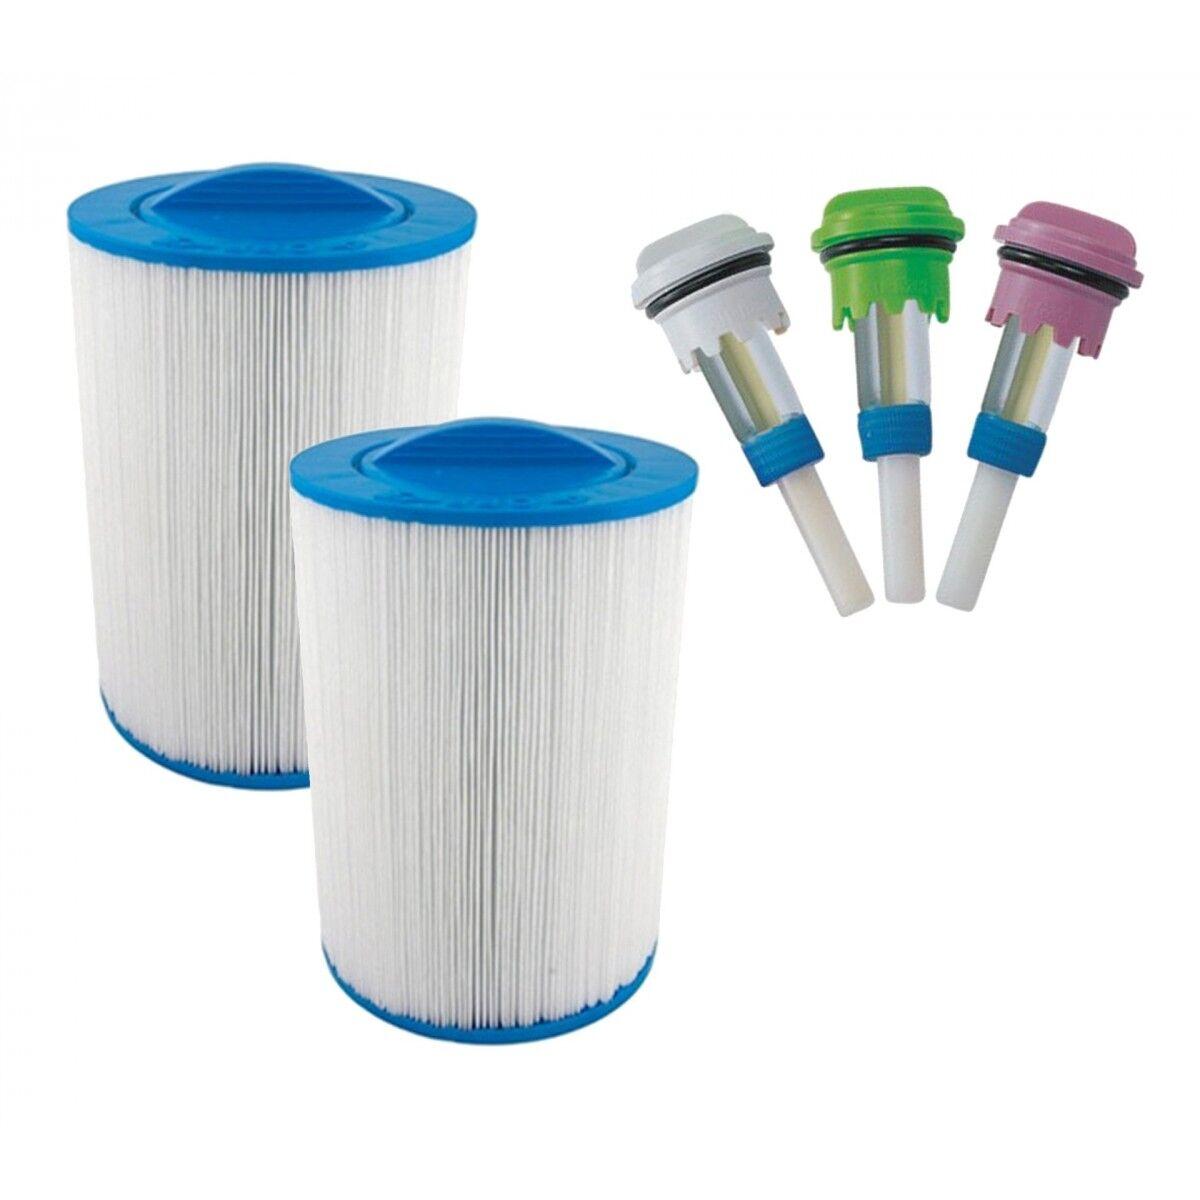 Accesorios - Pack de filtros y aroma a elegir